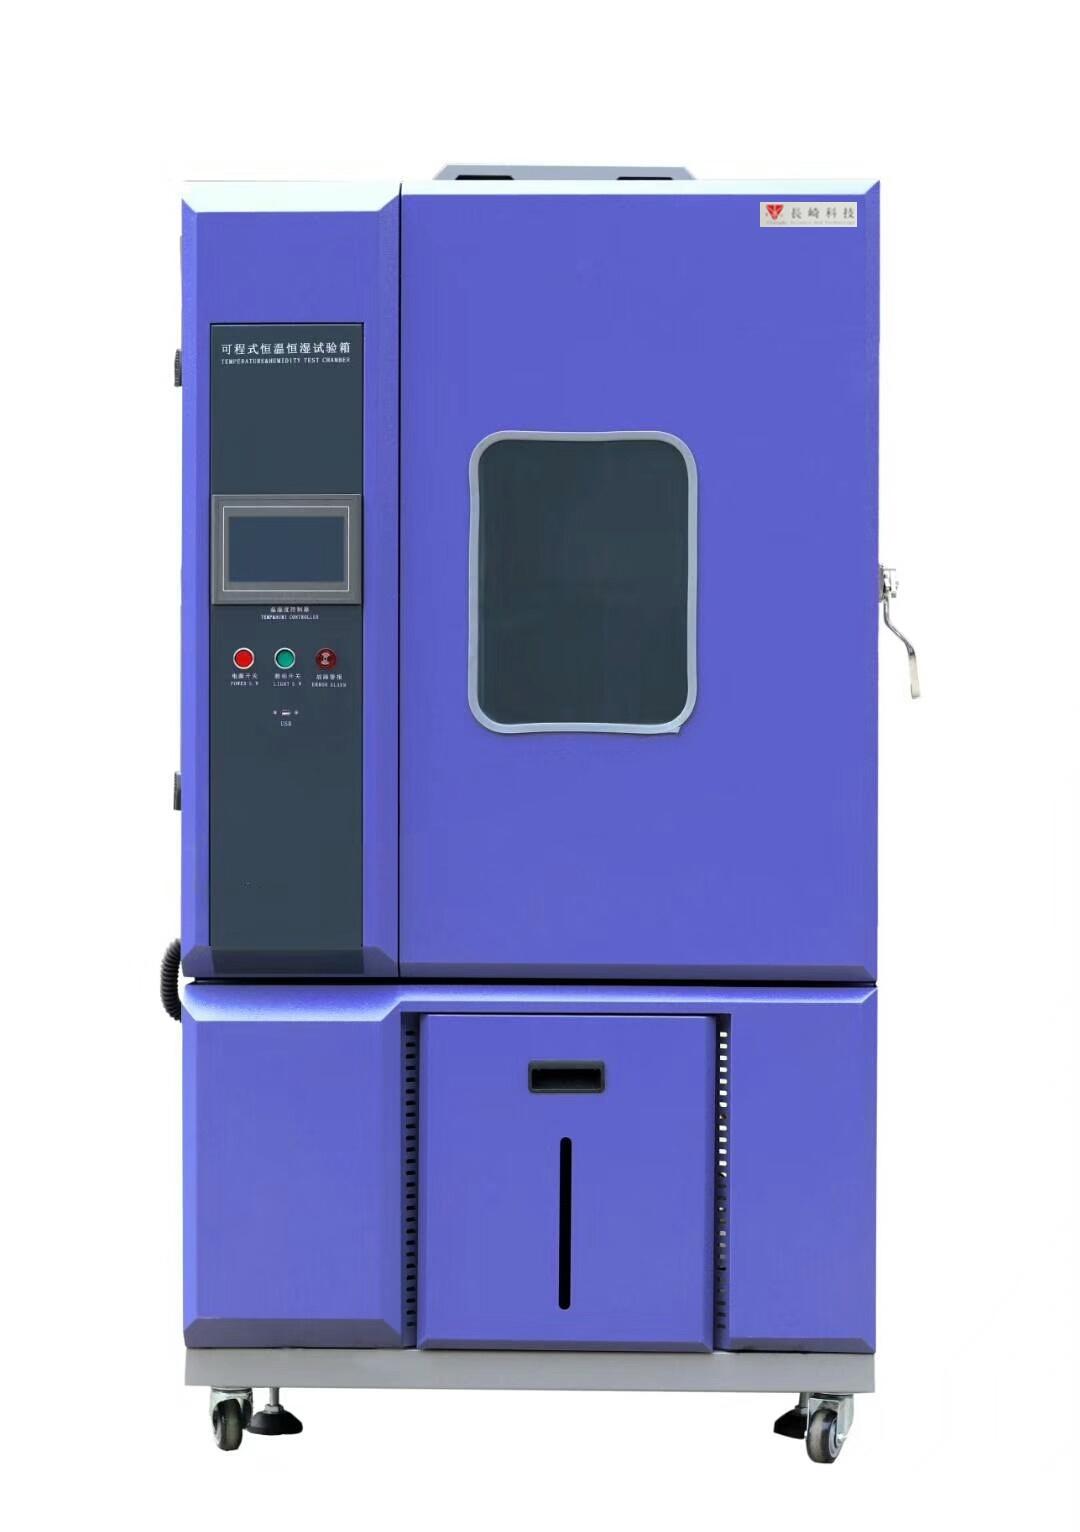 恒温恒湿试验箱在实验时无法保持低温